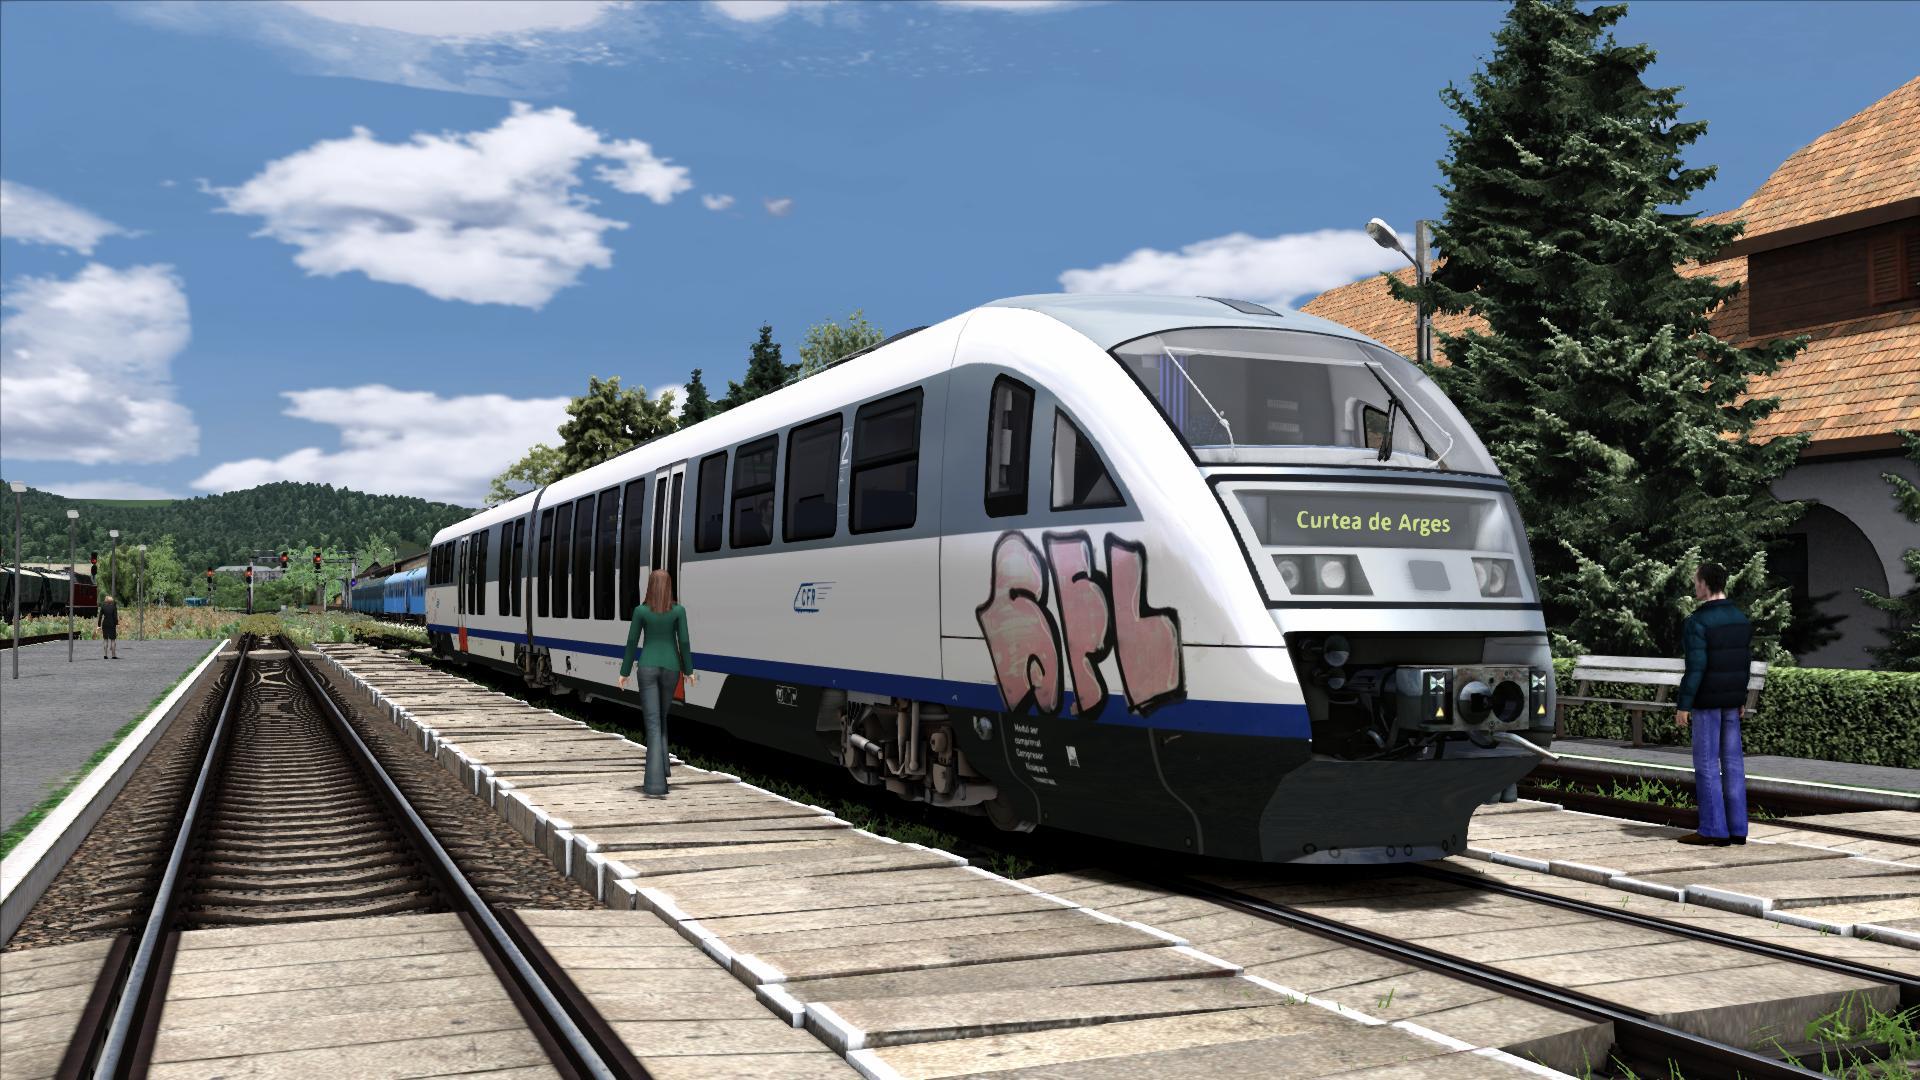 Railworks64 2020-06-20 02-52-31-34